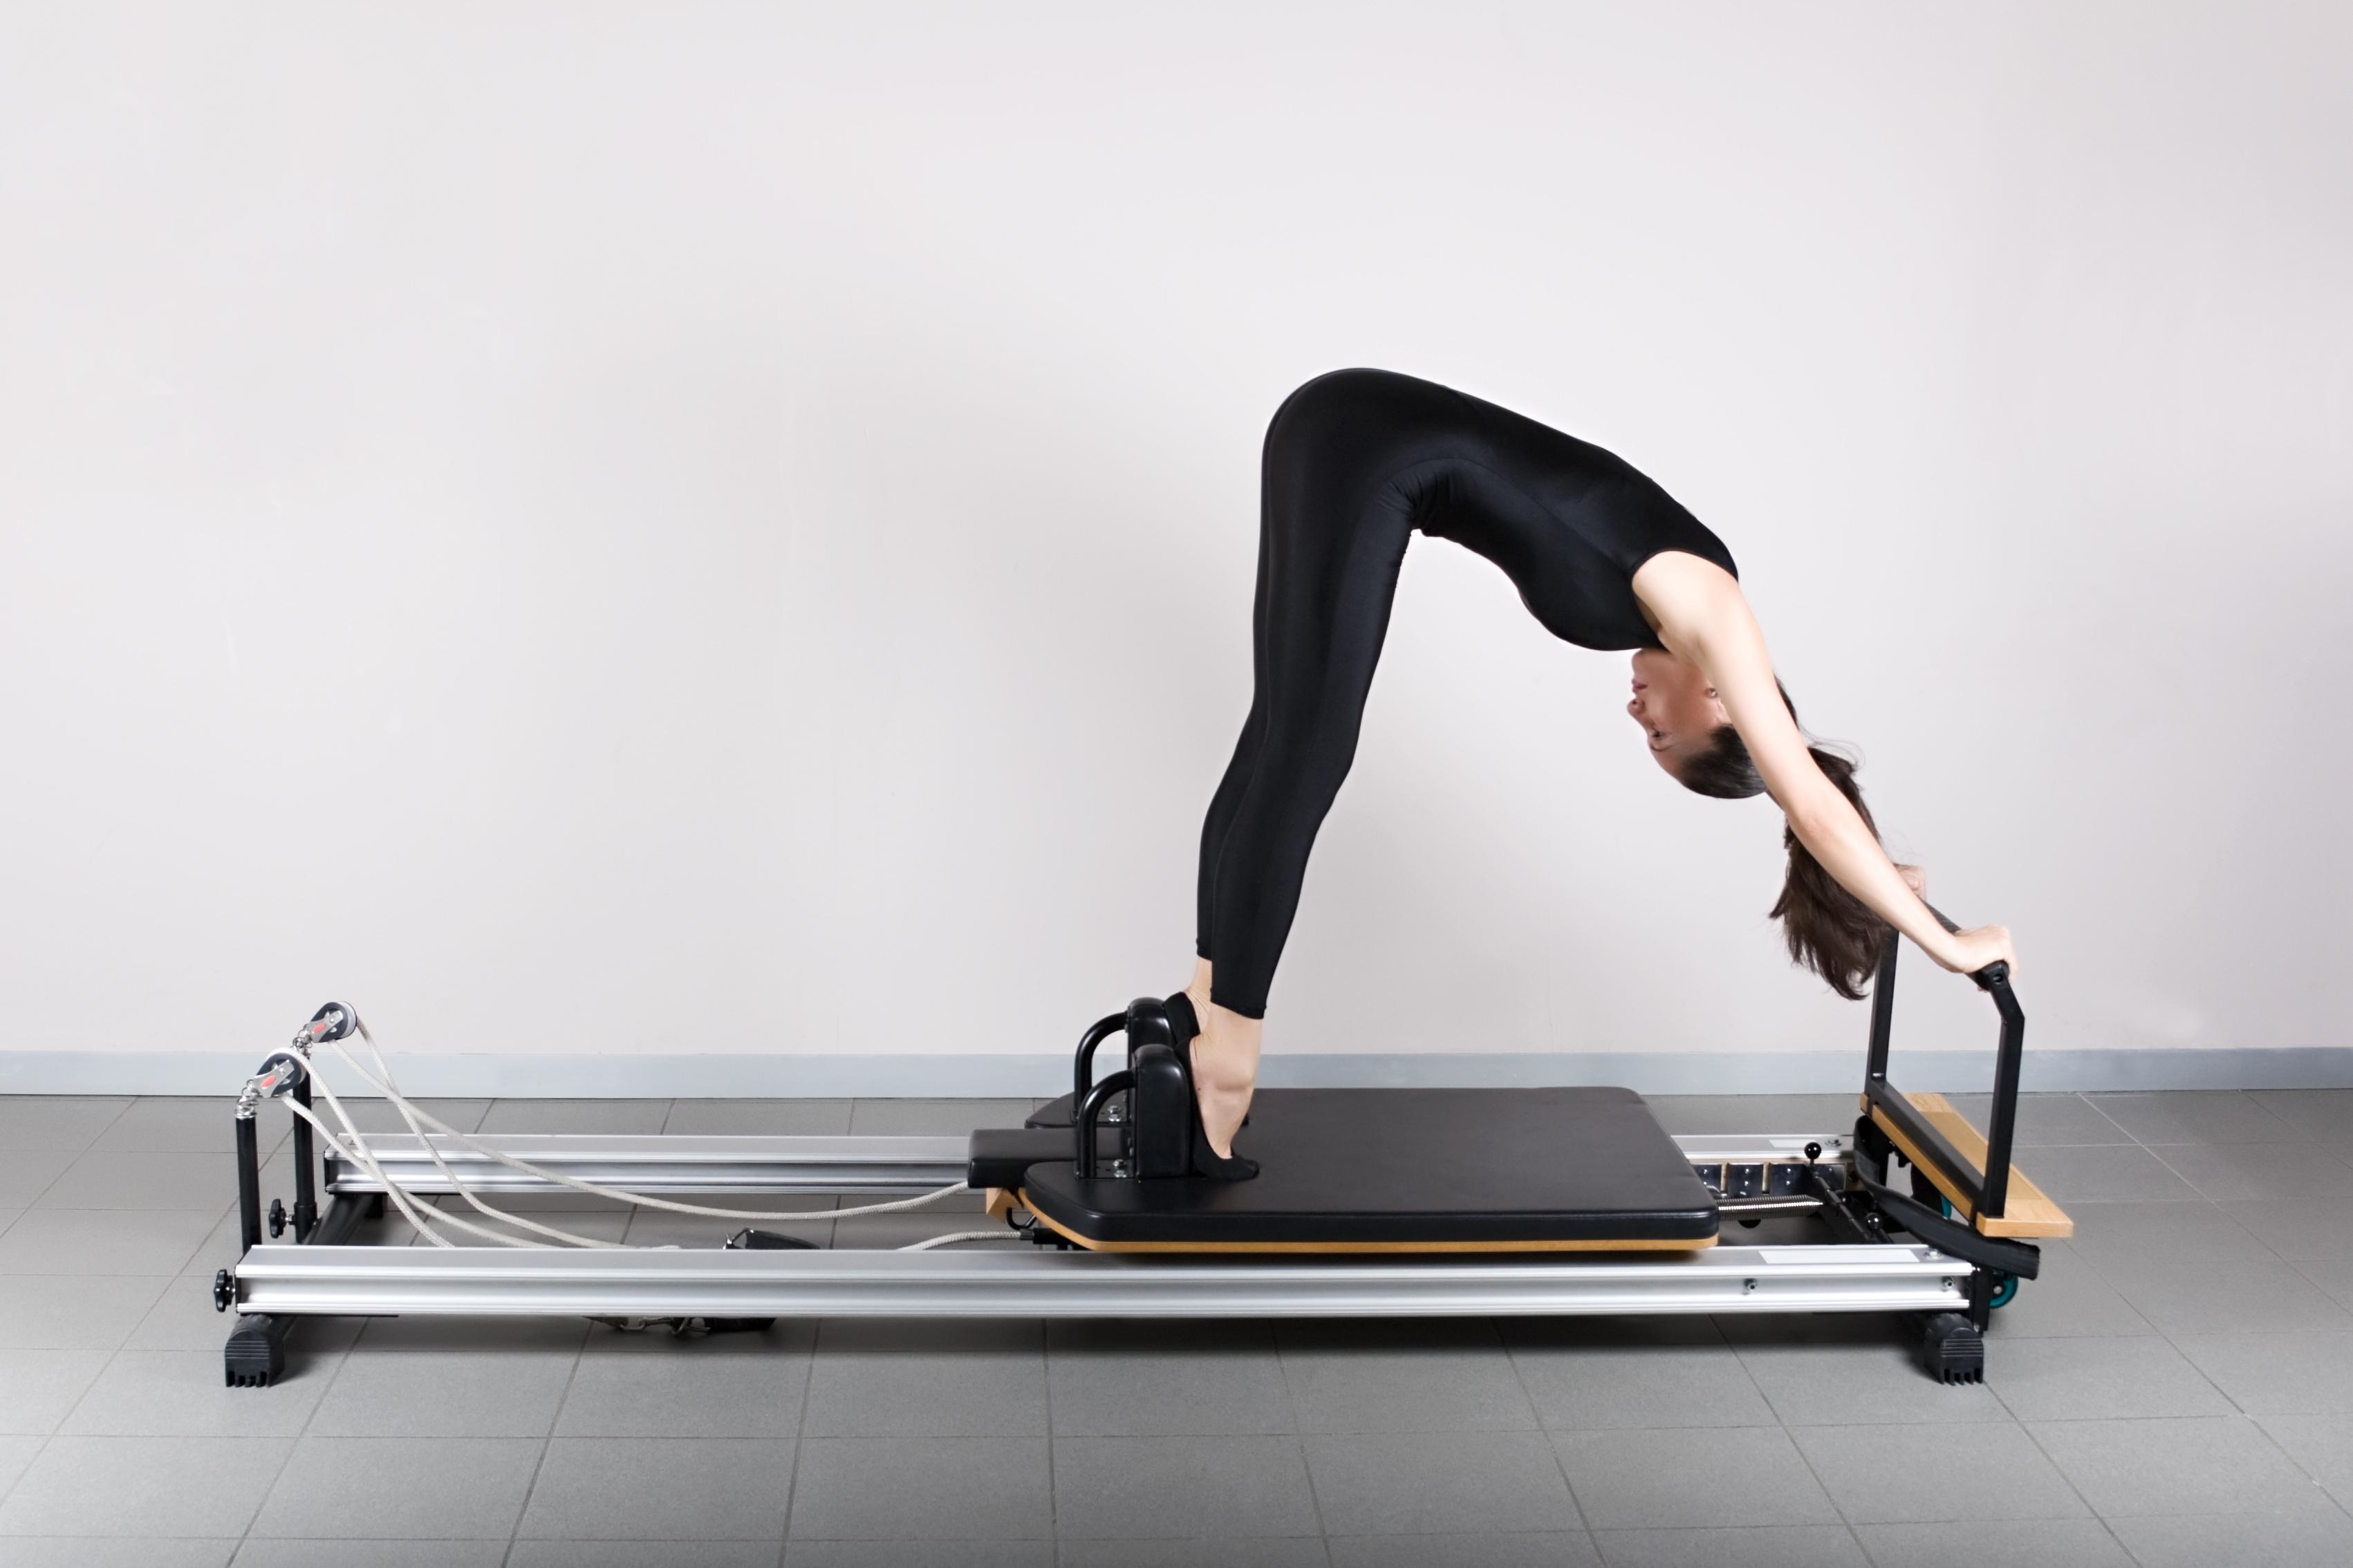 reformer-pilates-7.jpg